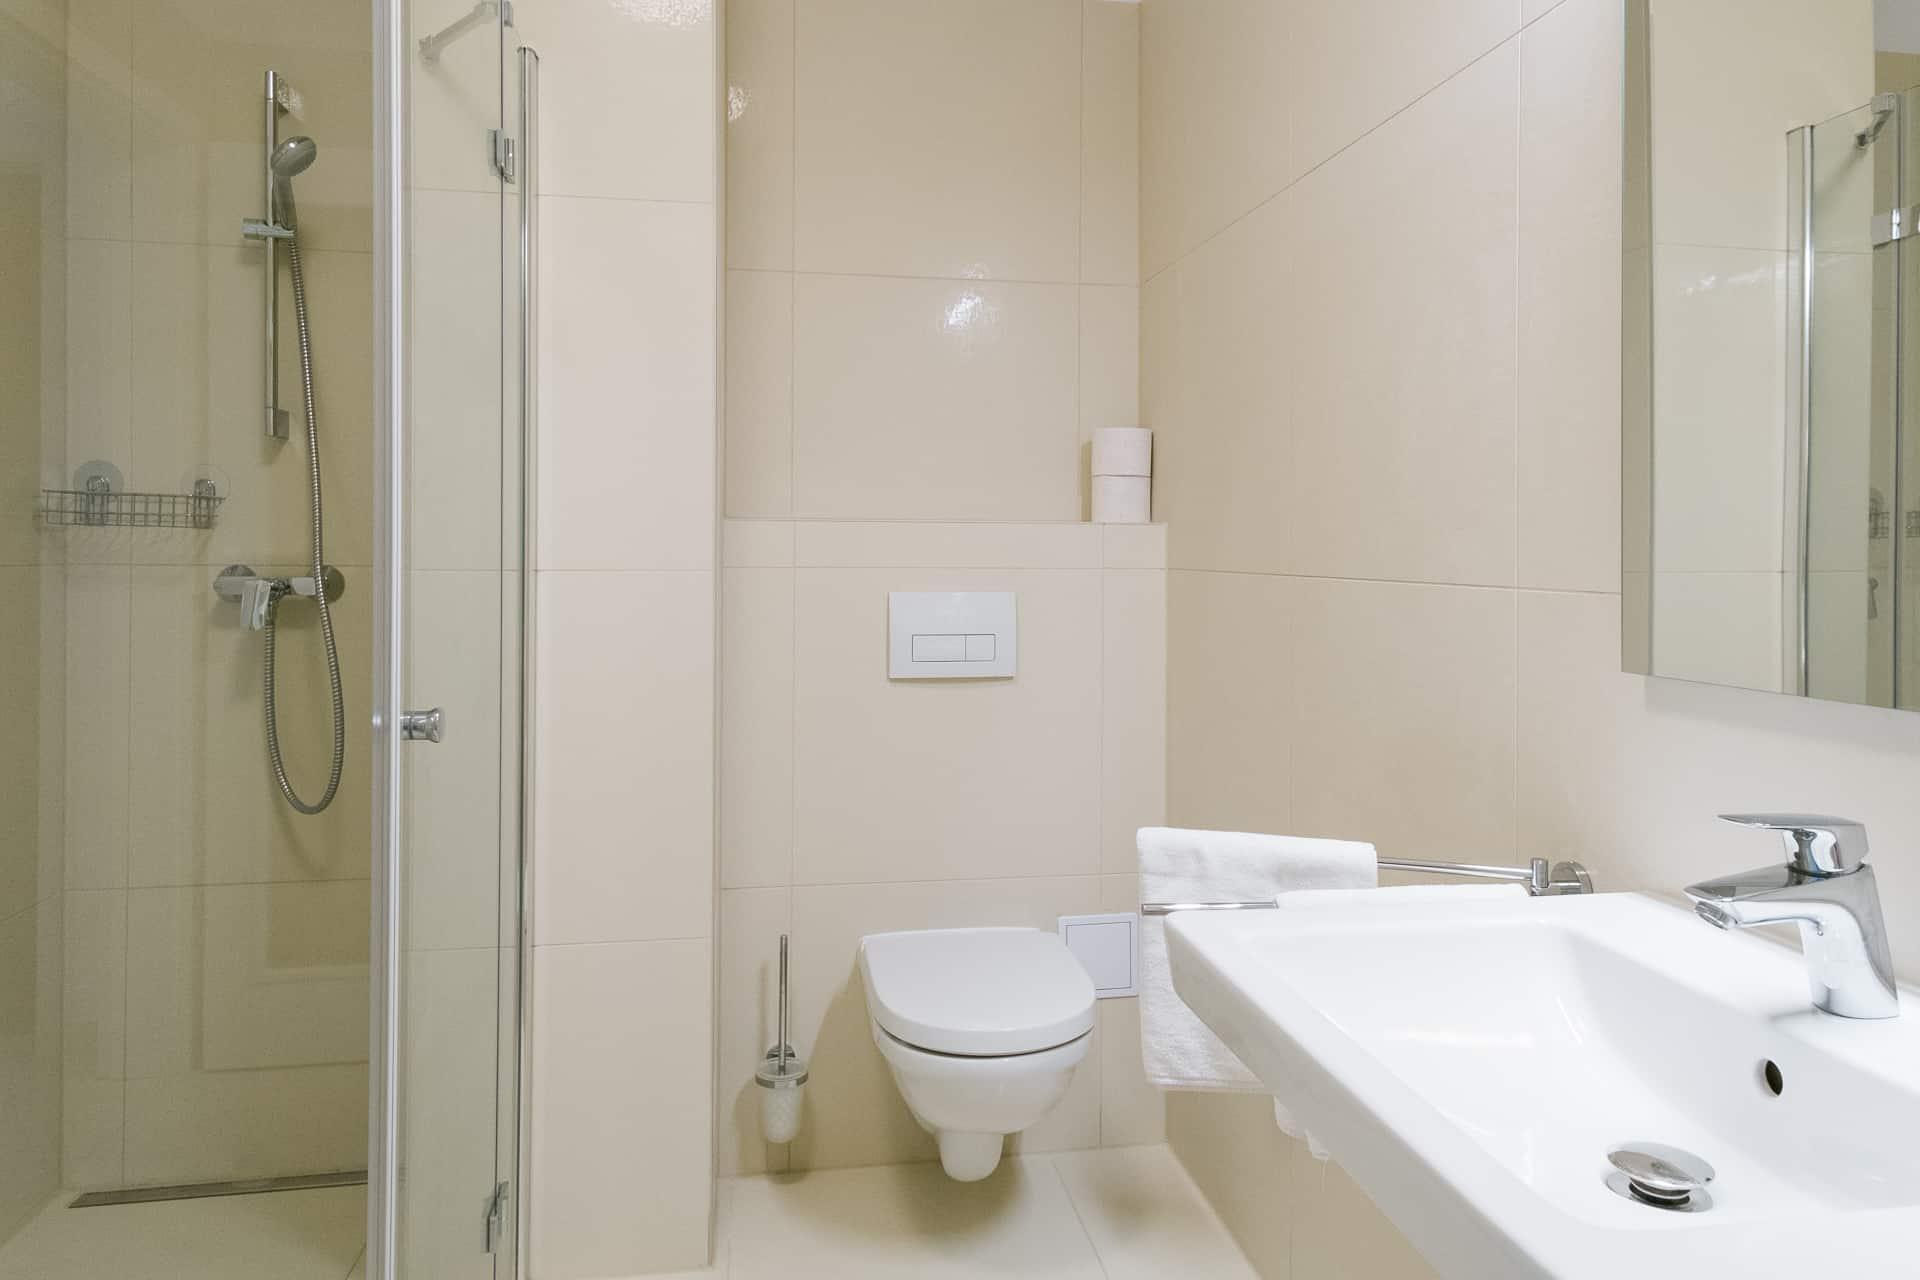 Vízparti balatoni panorámás Apartmanok Keszthely - fürdőszoba.